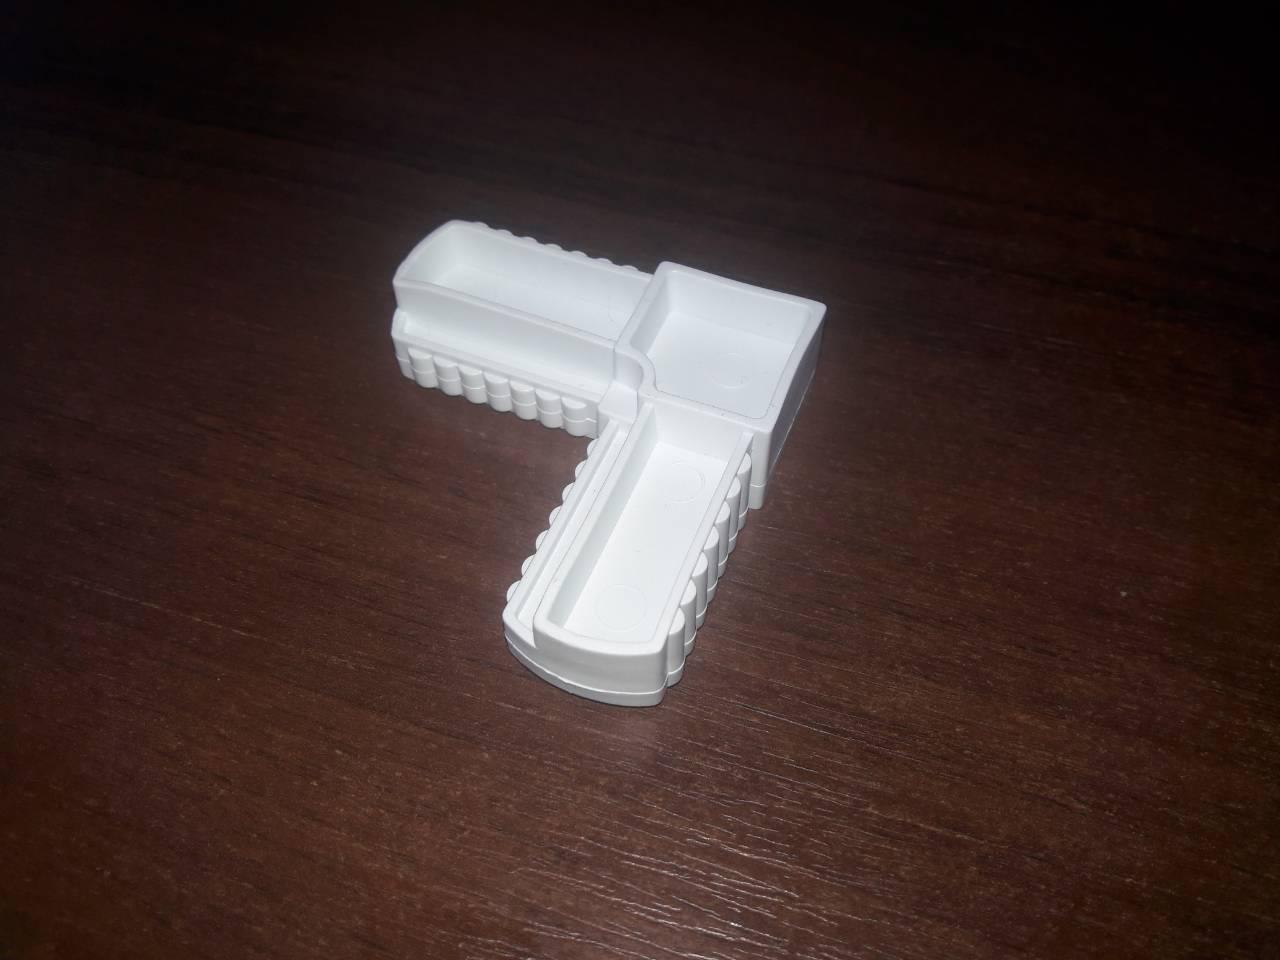 Уголок для дверной рамной москитной сетки Размер рамки 17 мм х 25 мм Белый